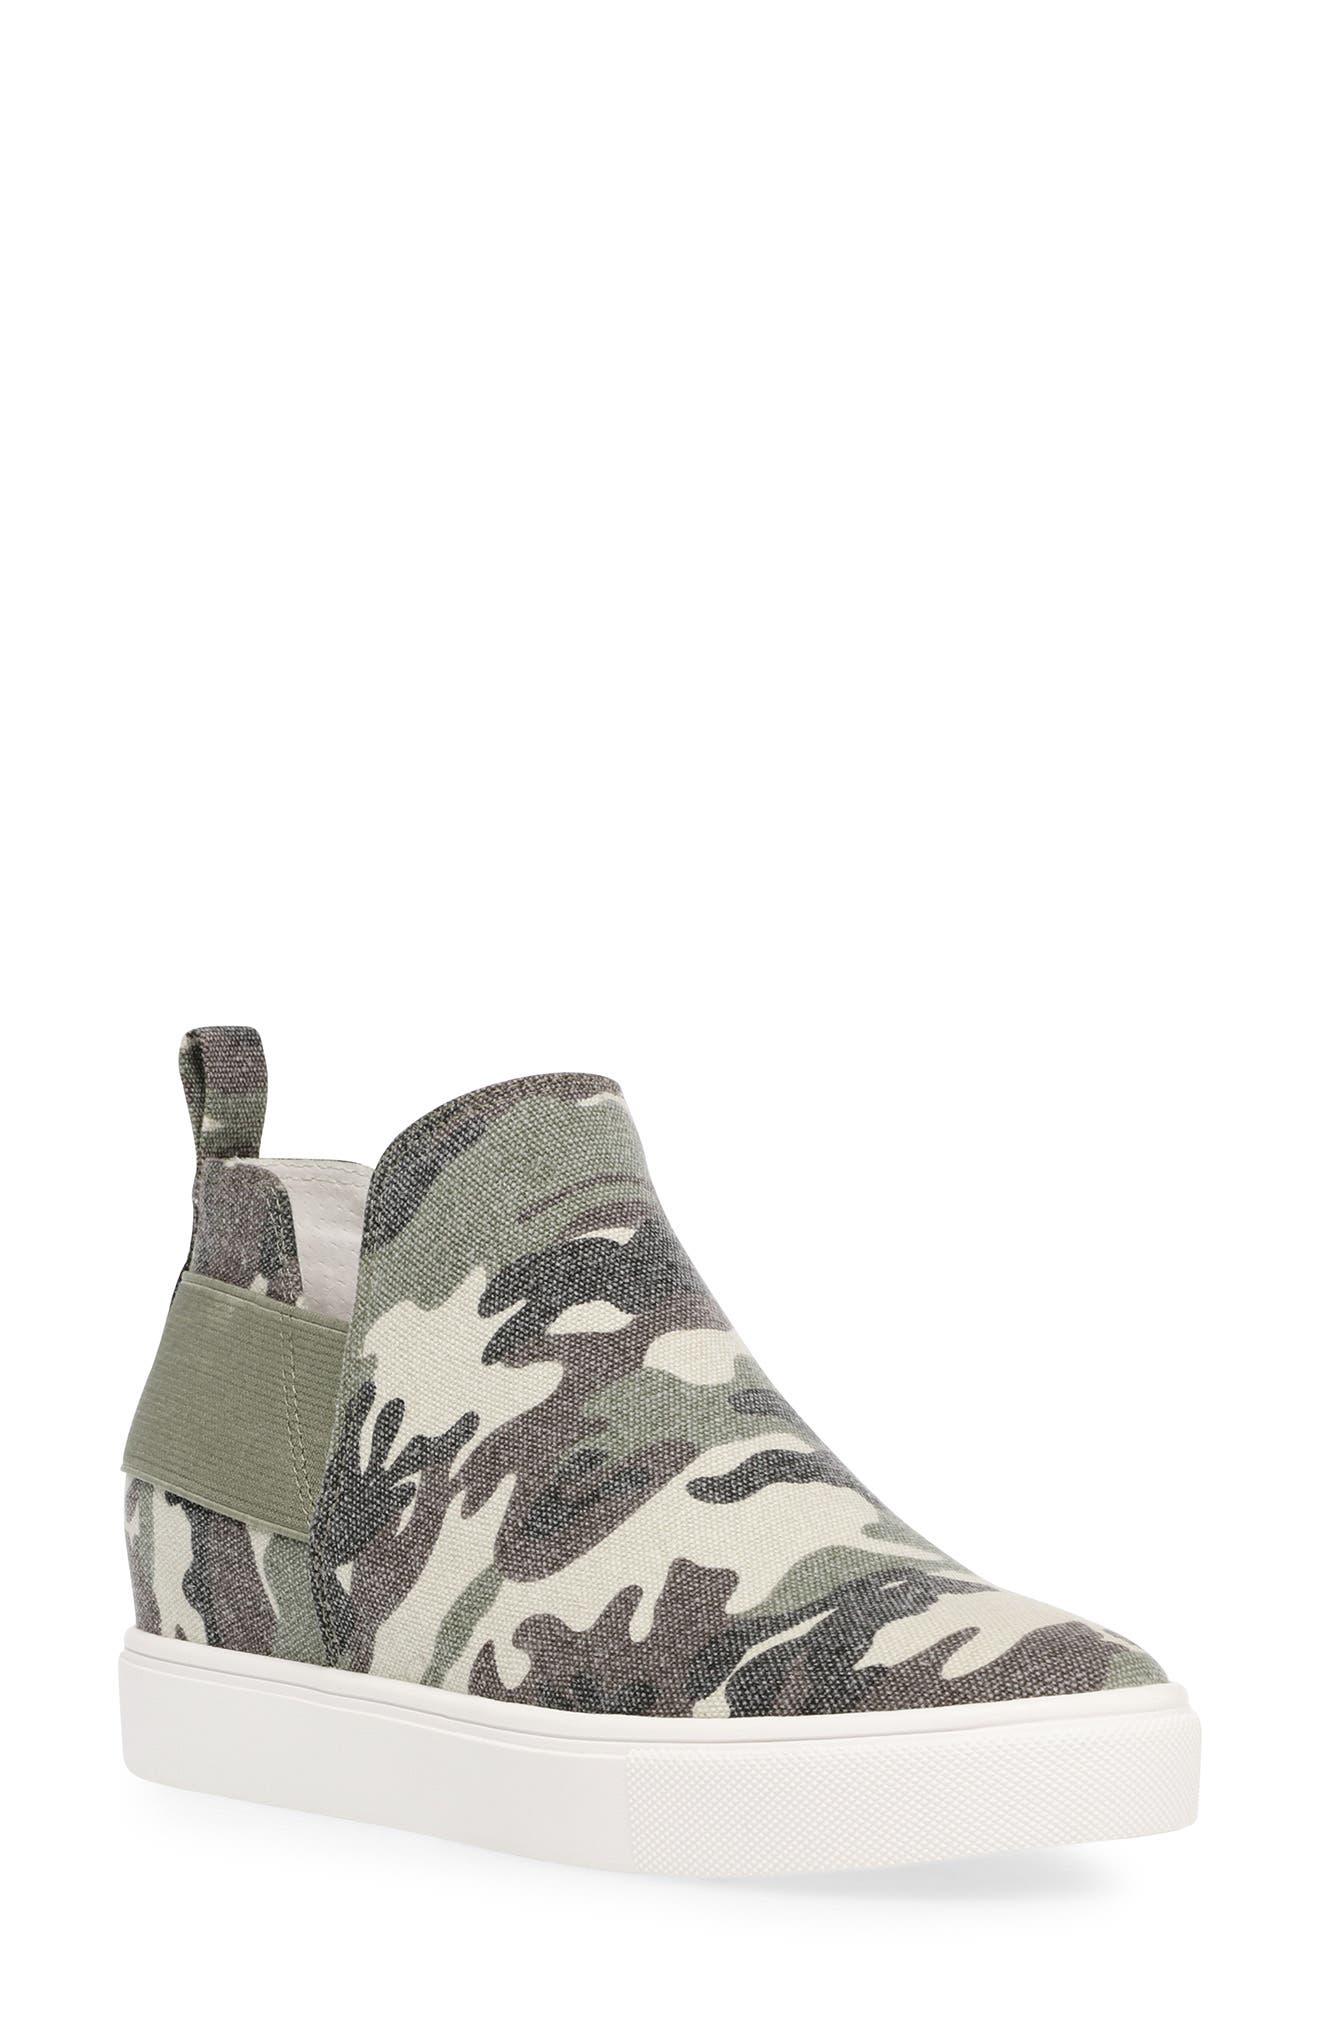 slip on sneakers high top